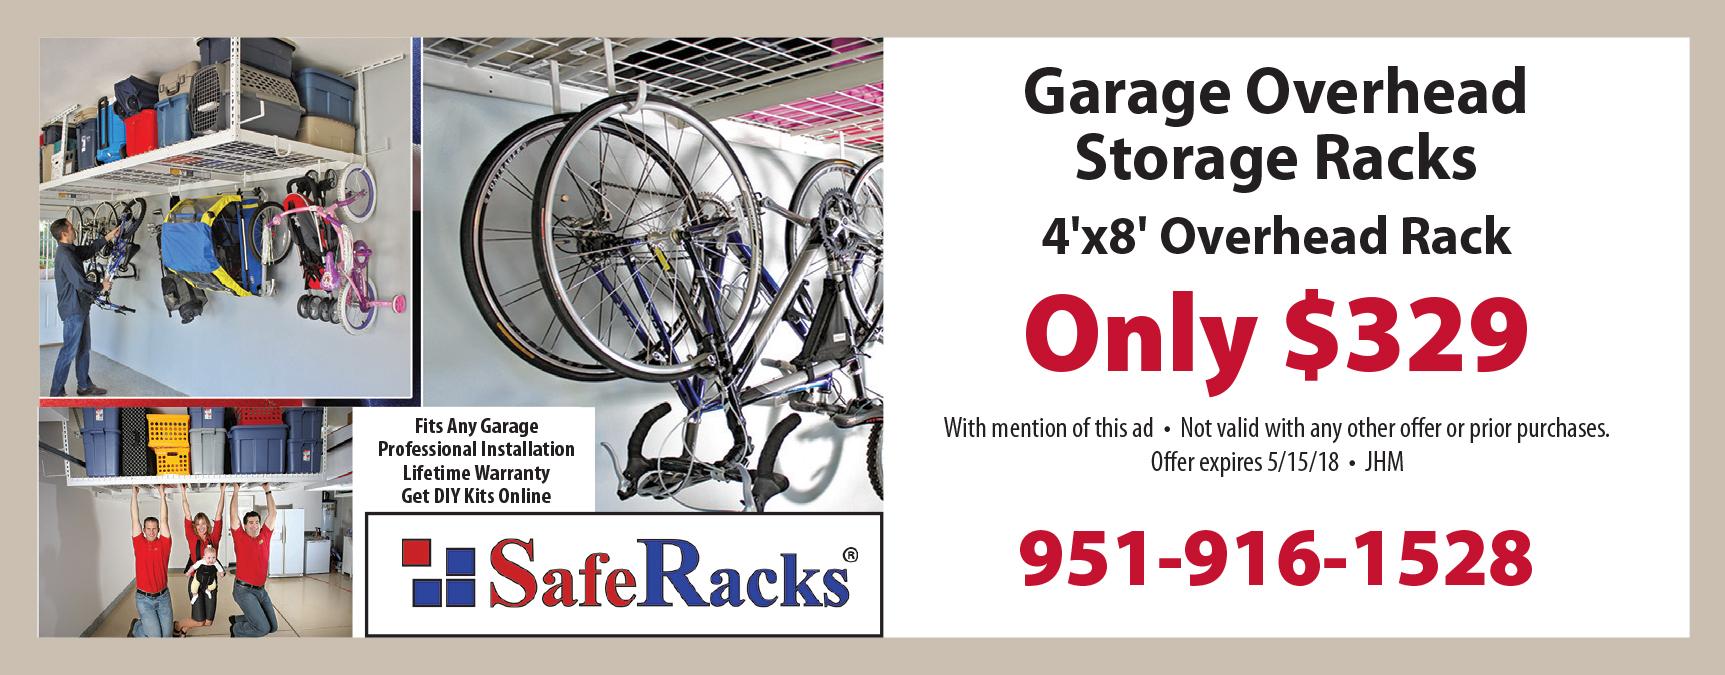 Safe Rack_RIV_Offer_Reg_04-18.jpg